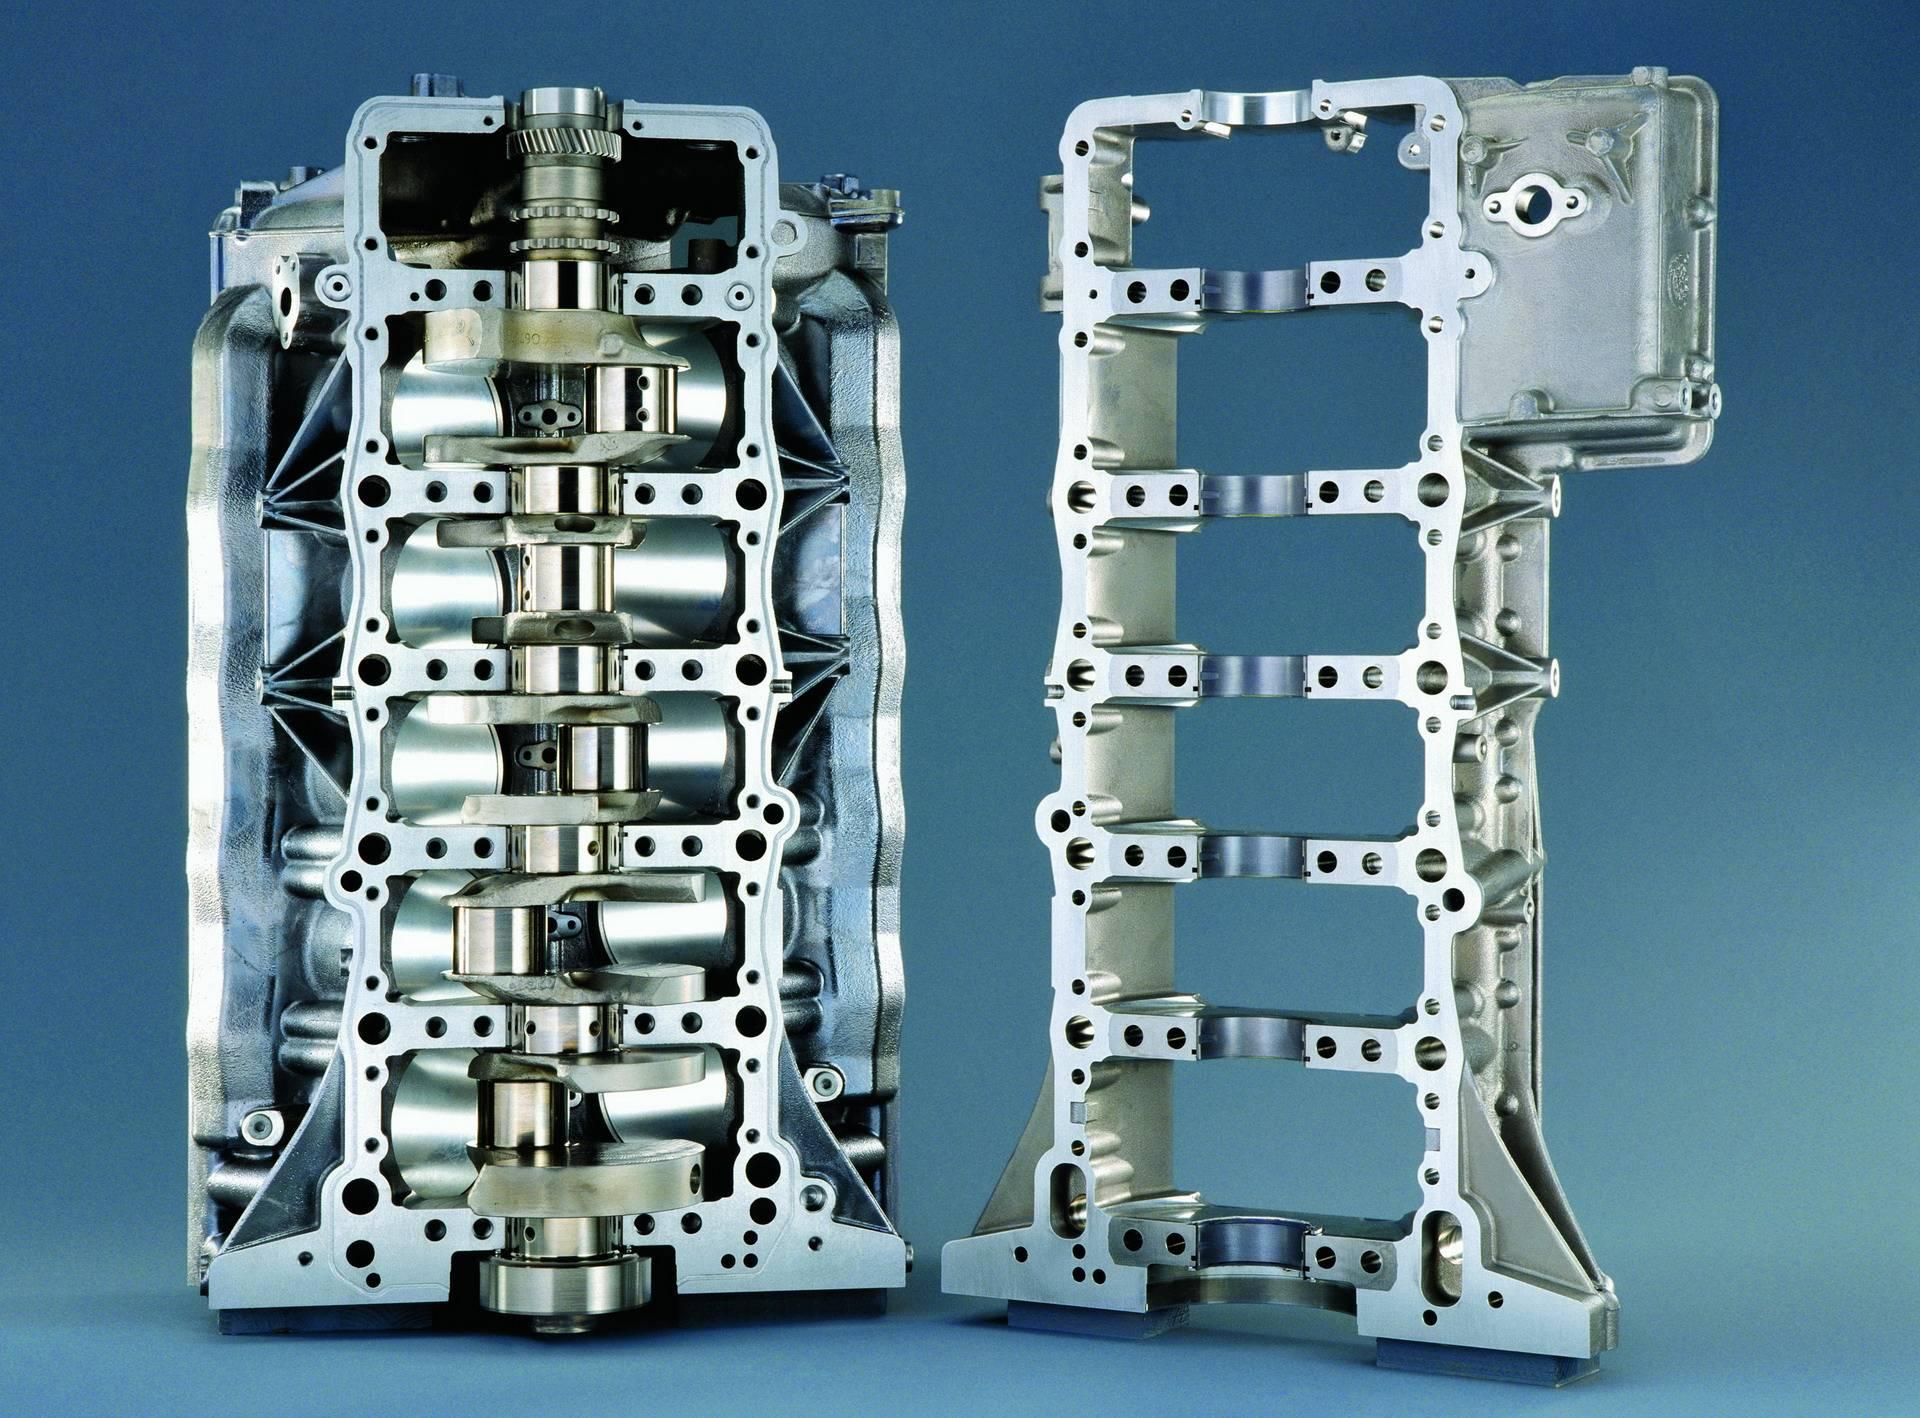 Двигатель BMW S85 V10 - легендарный мотор из Баварии 4